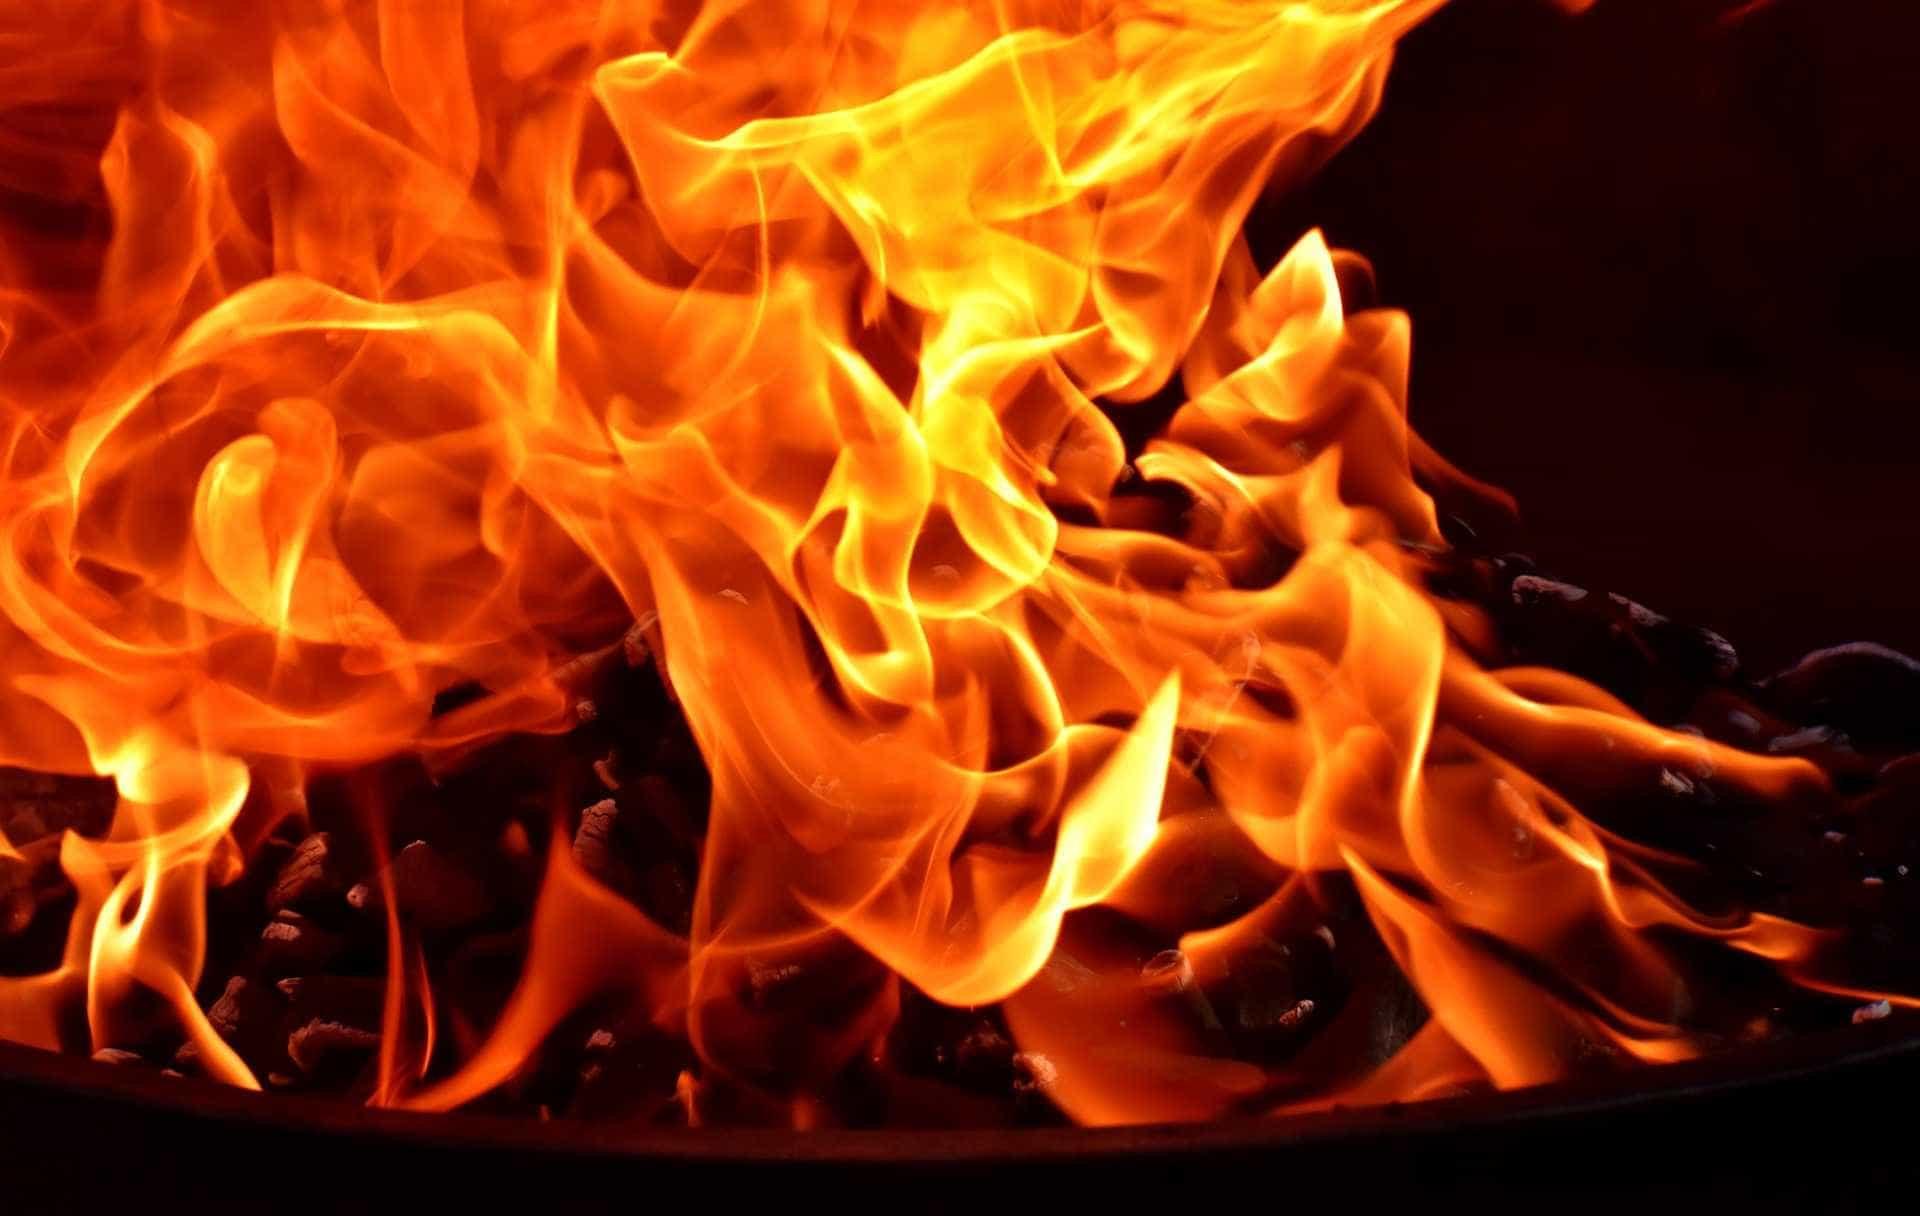 Irmã de porteiro incendiado: 'Teve a vida interrompida por um monstro'